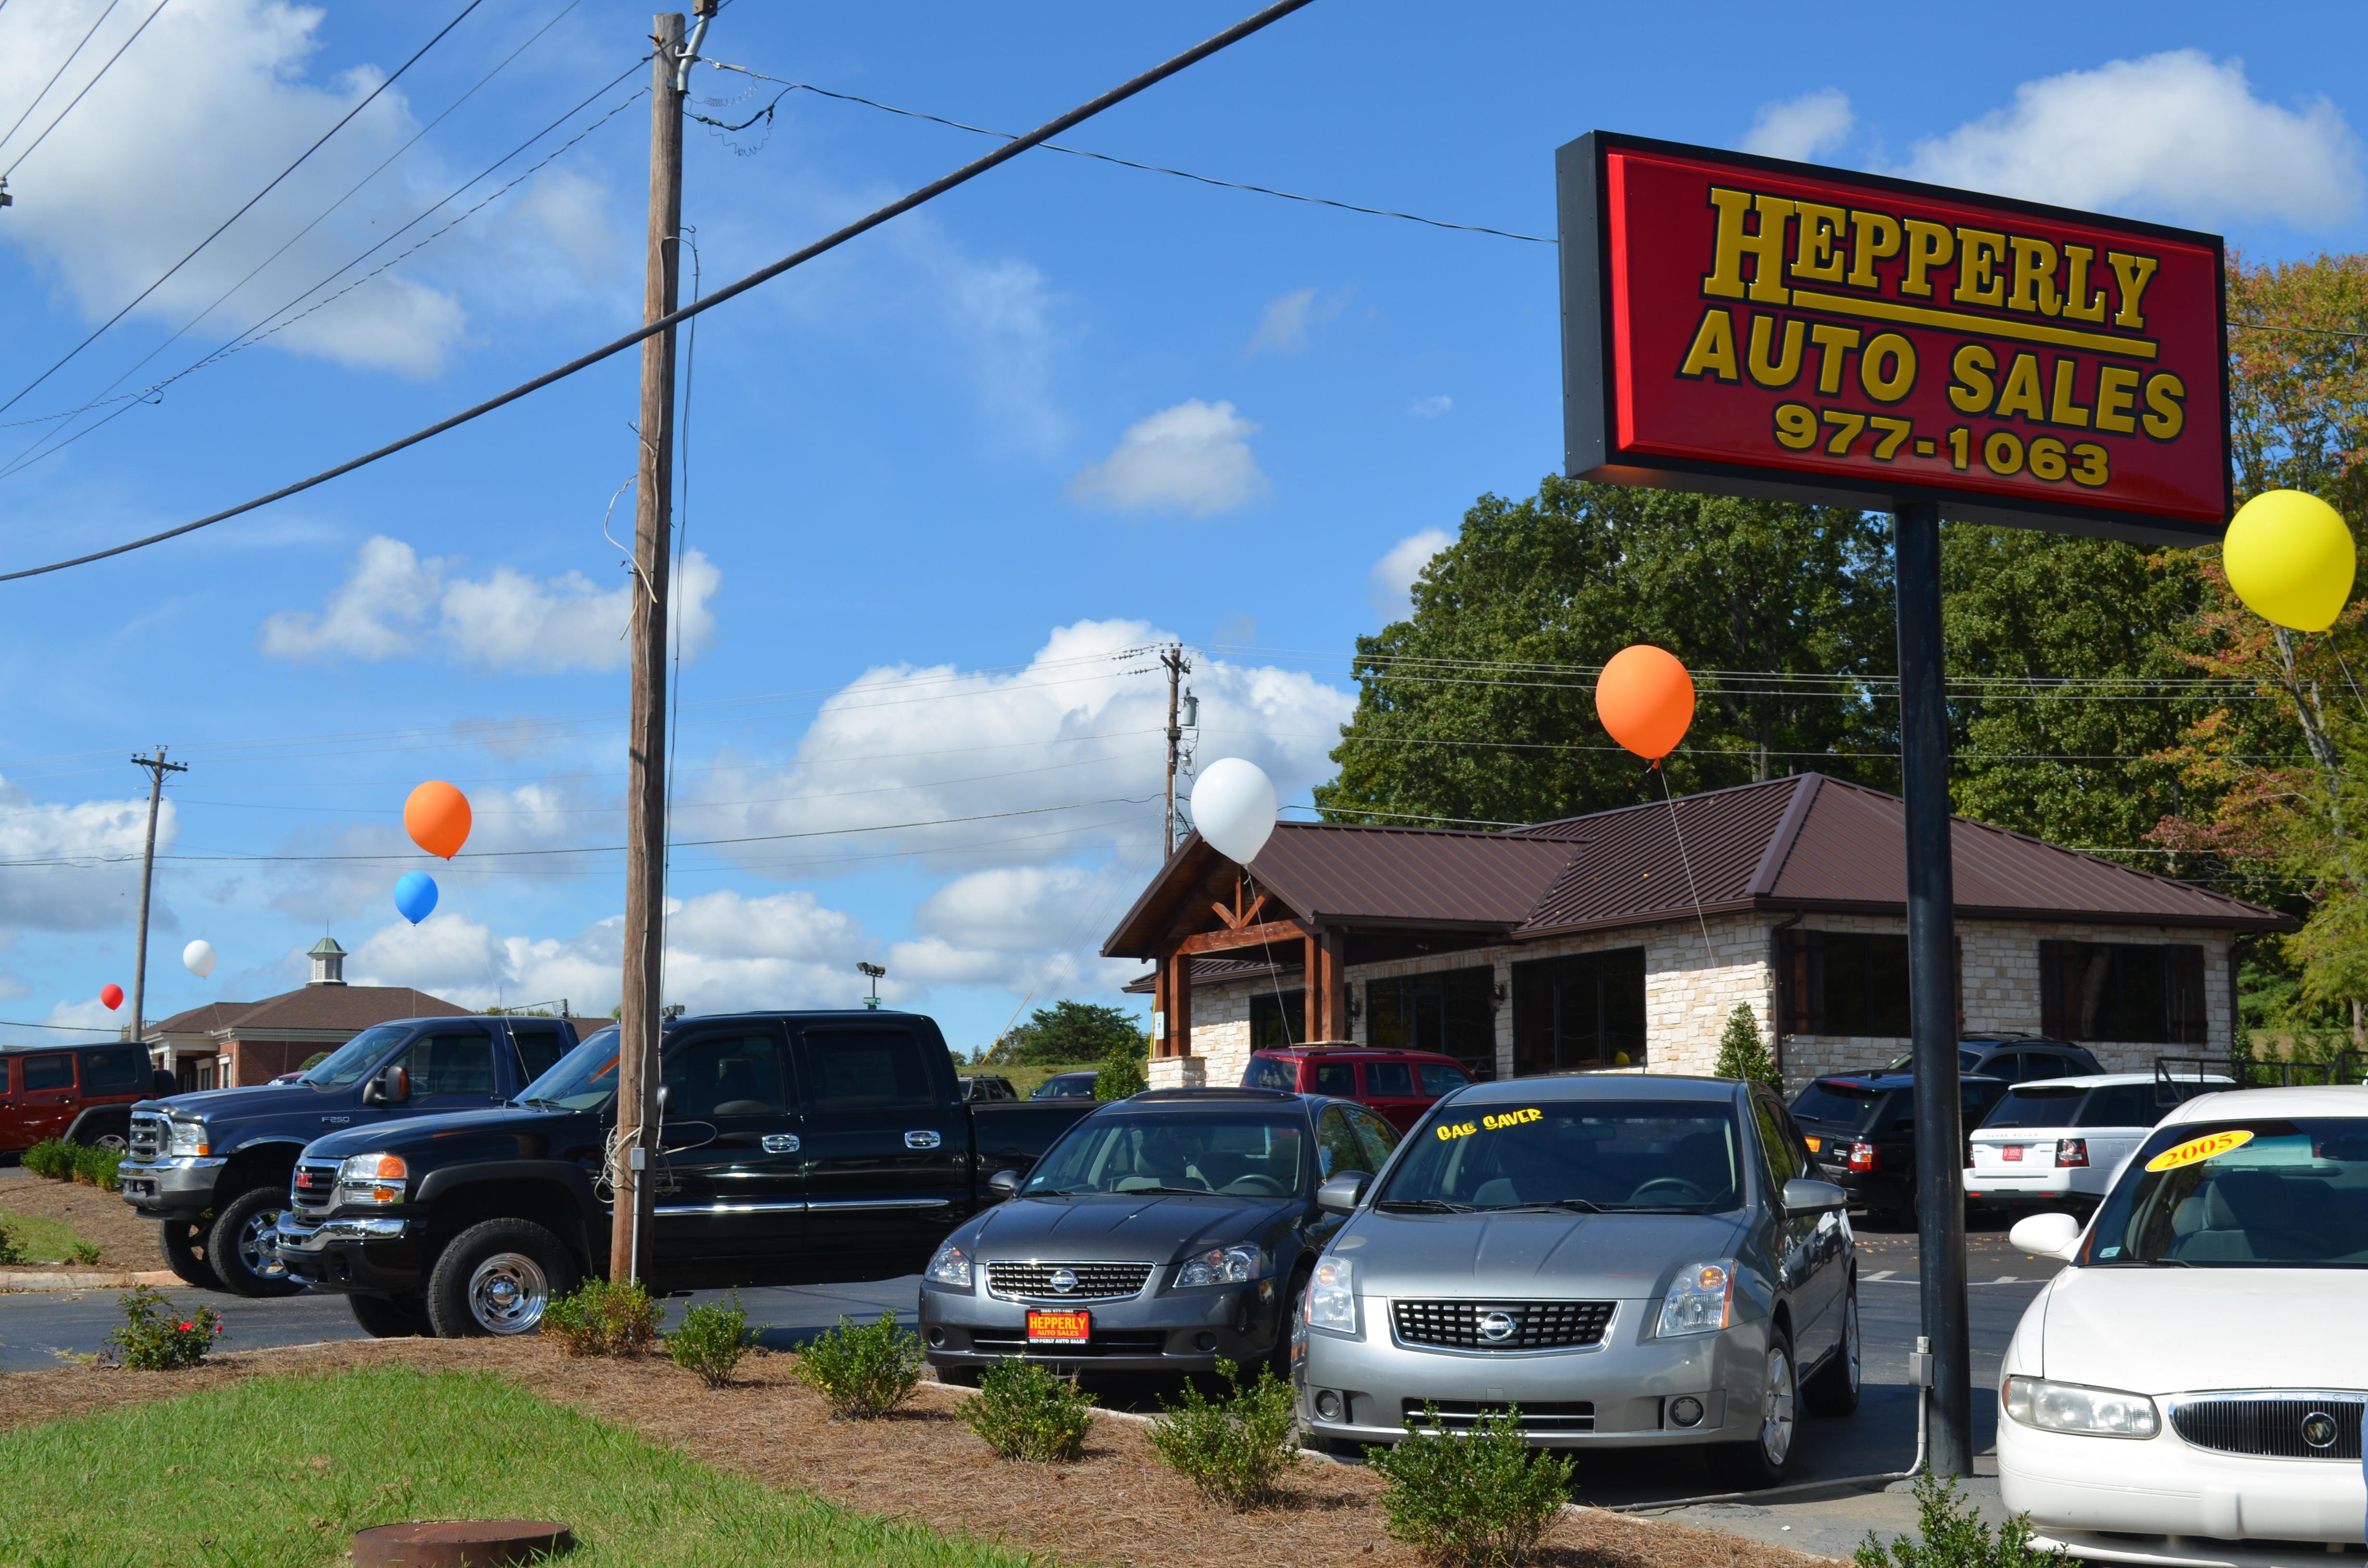 Auto City Car Sales Dallas